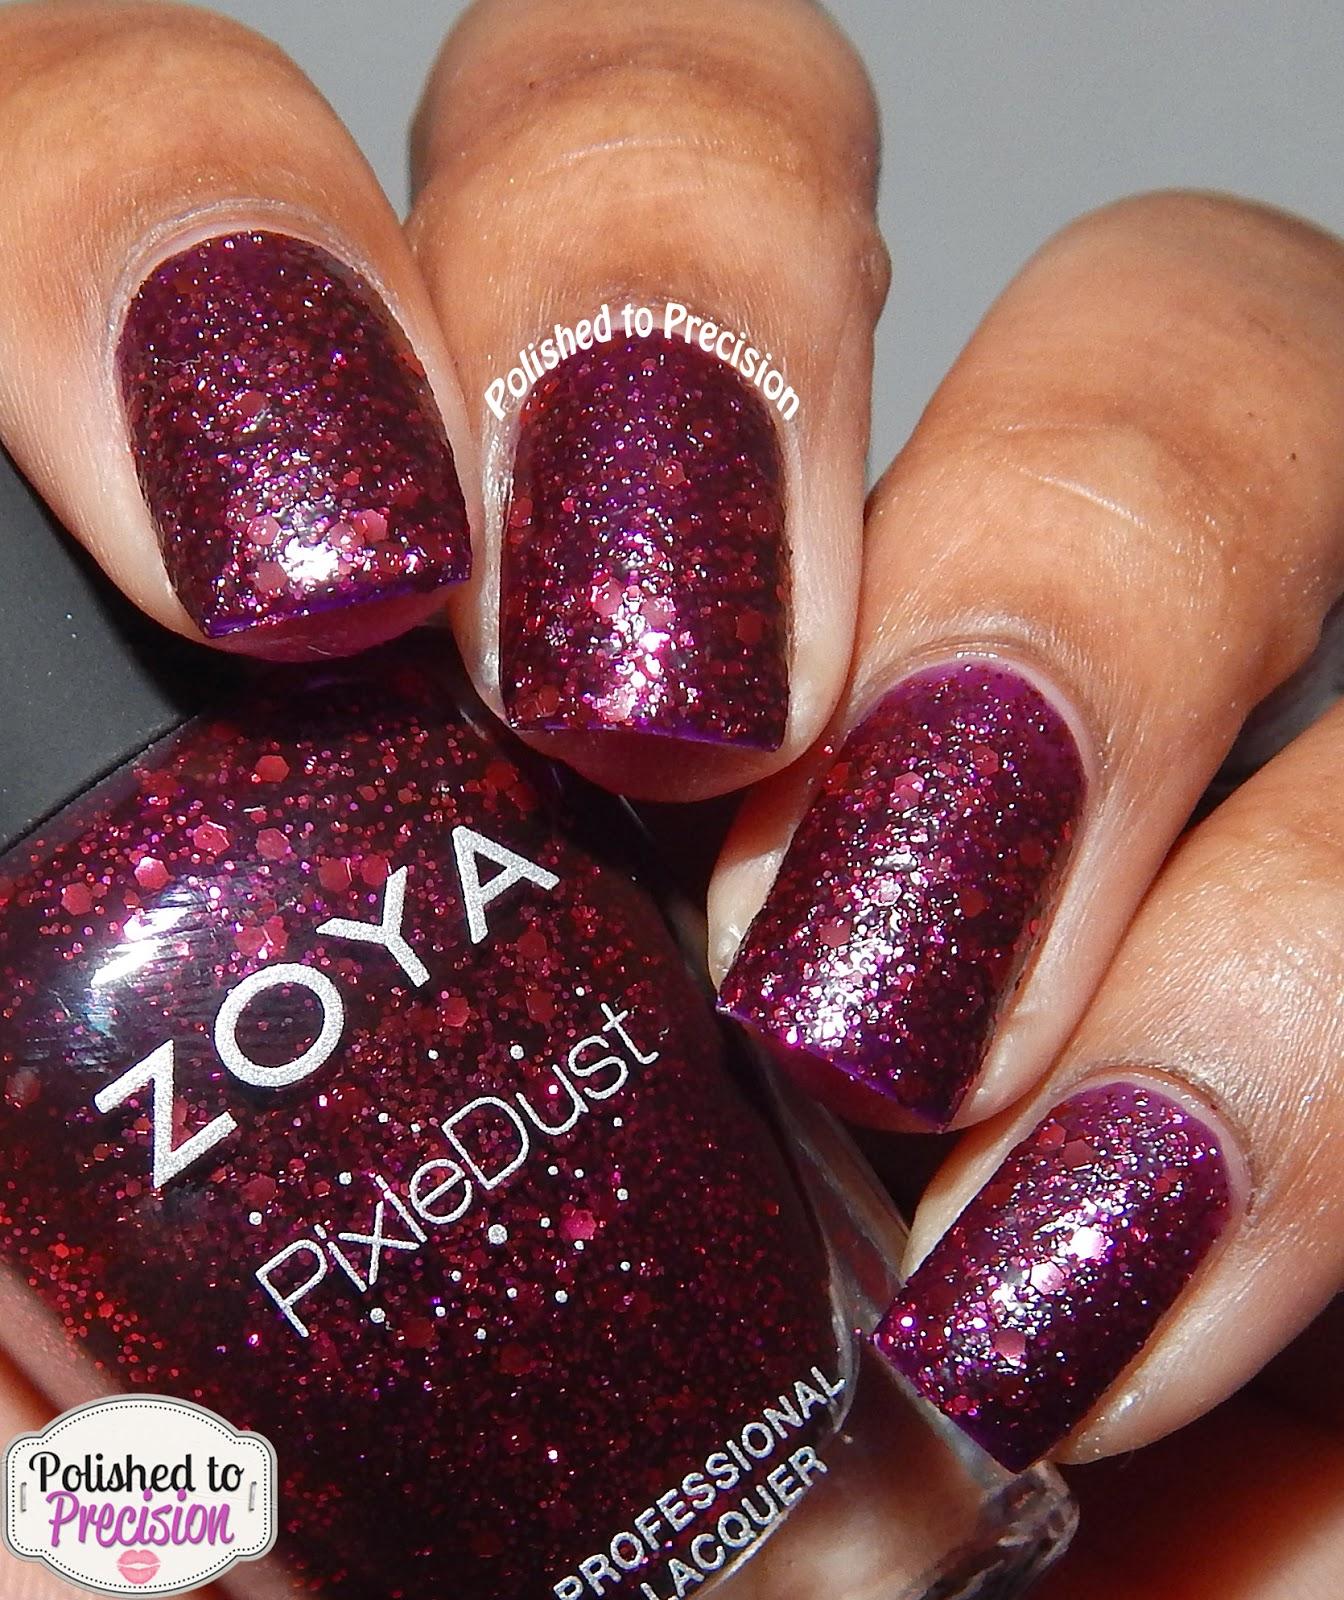 Zoya Noir